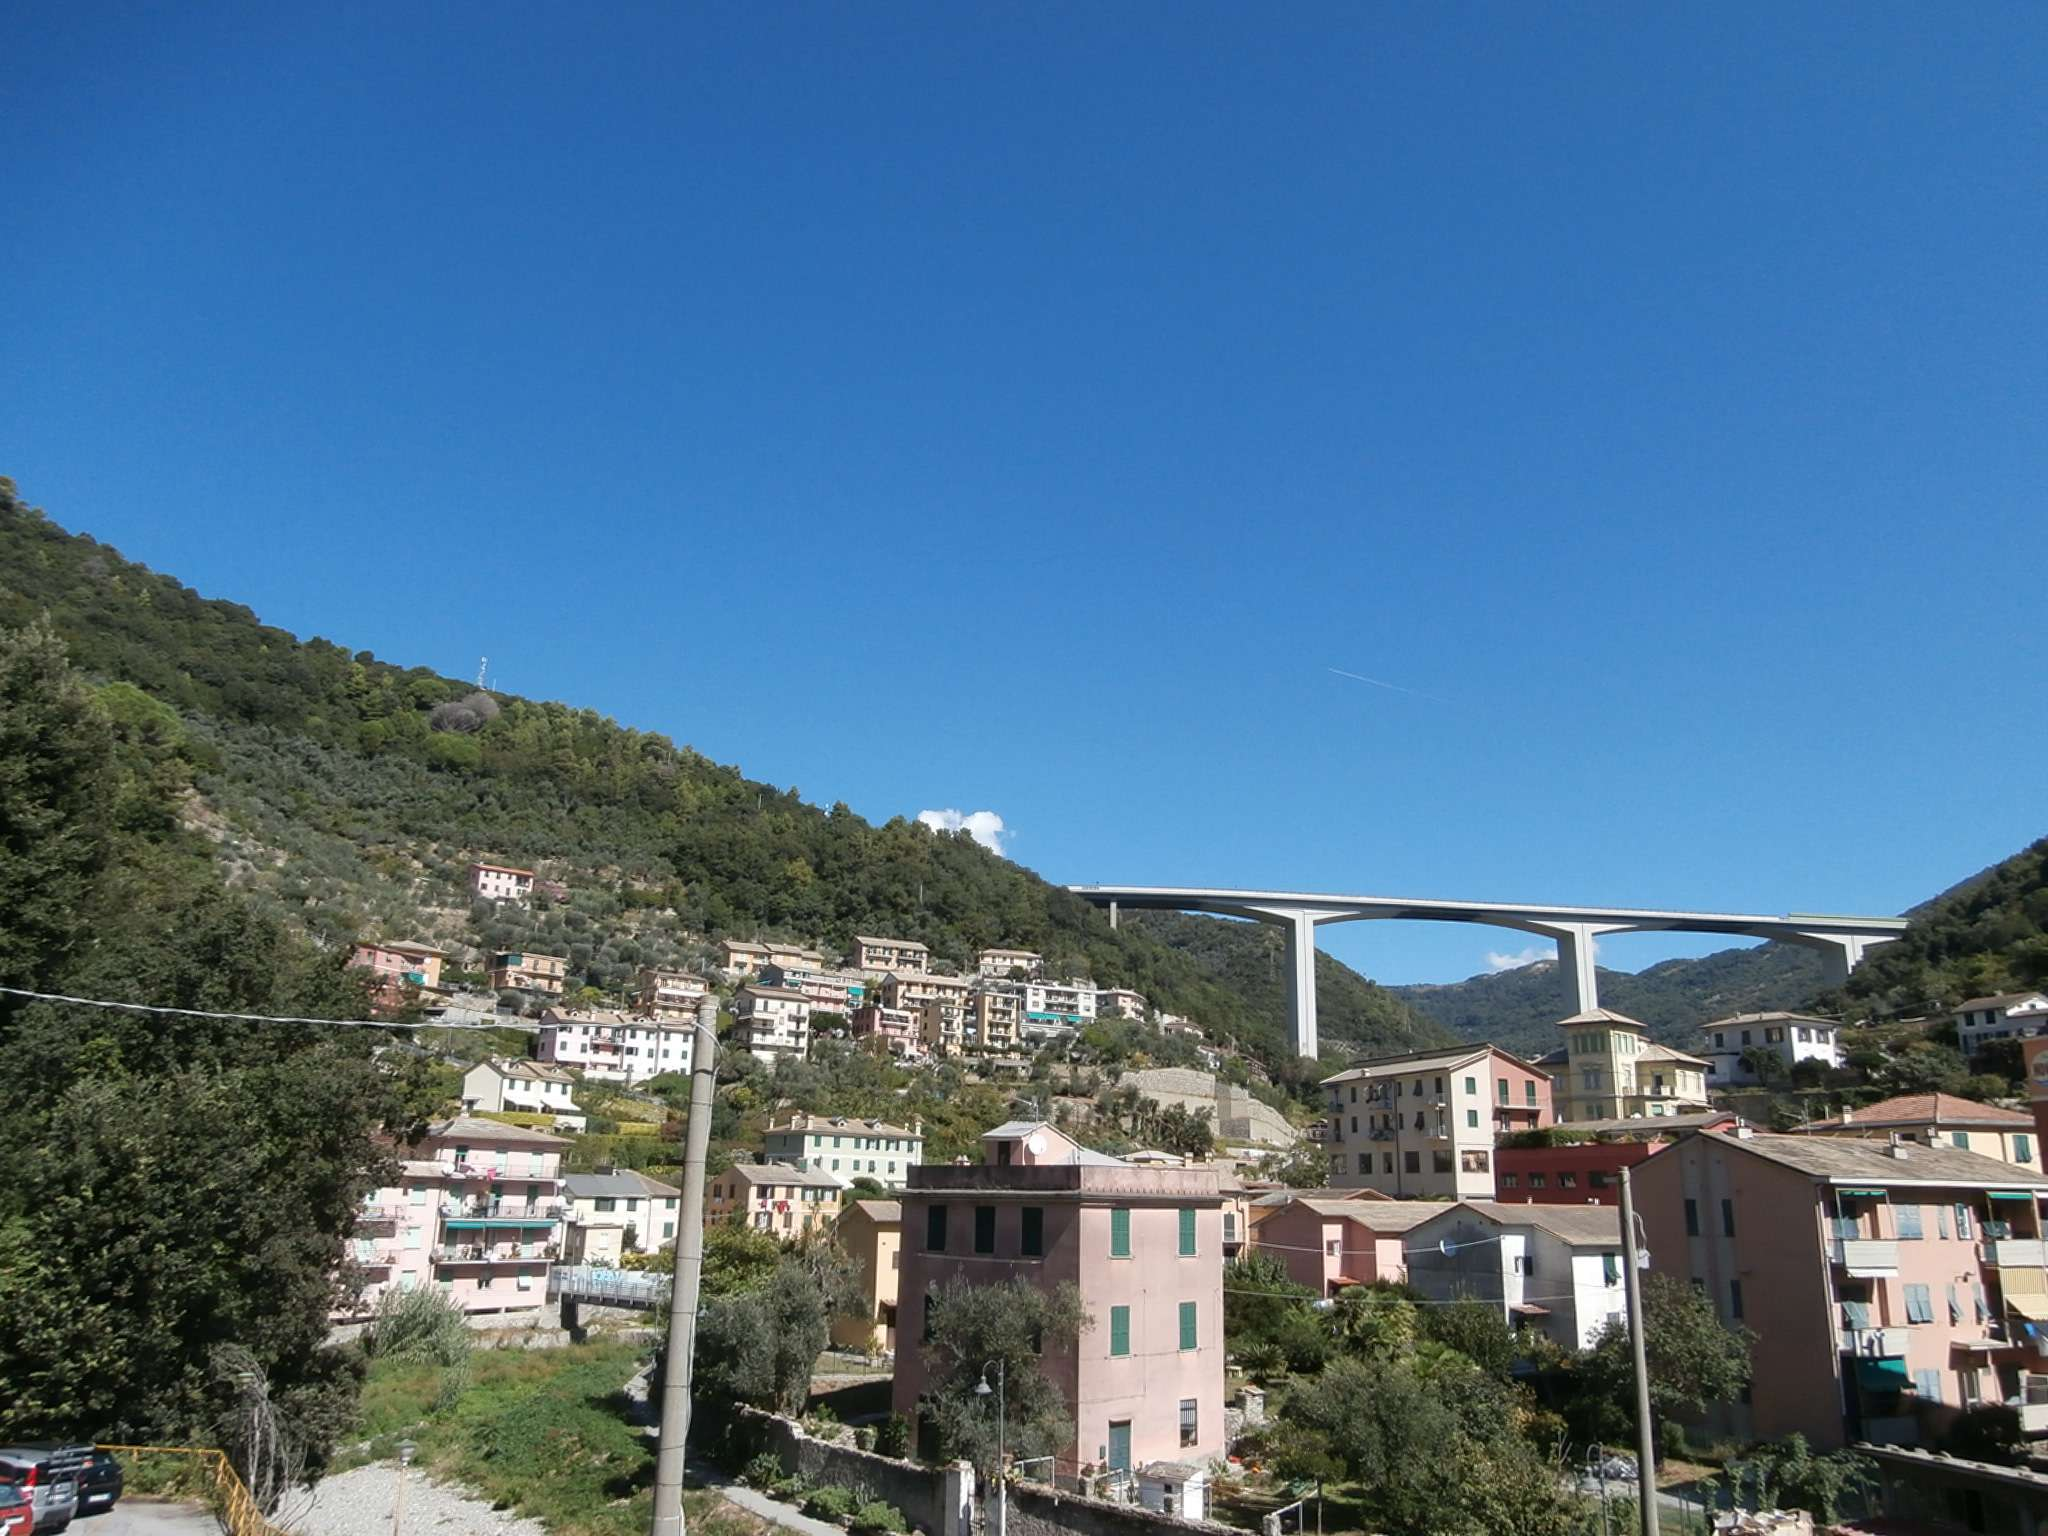 Appartamento in vendita a Sori, 6 locali, prezzo € 175.000 | CambioCasa.it